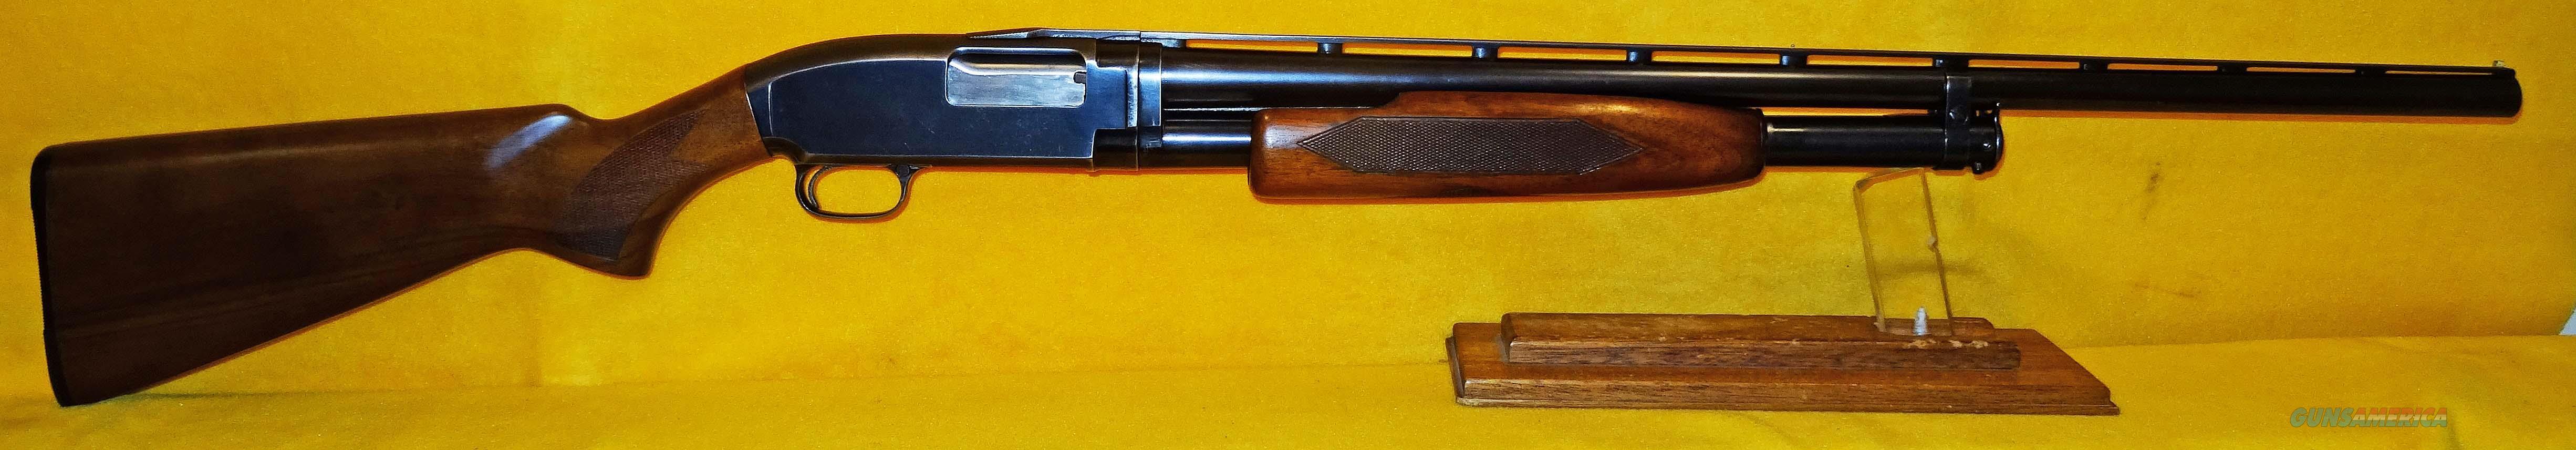 WINCHESTER 12  Guns > Shotguns > Winchester Shotguns - Modern > Pump Action > Trap/Skeet